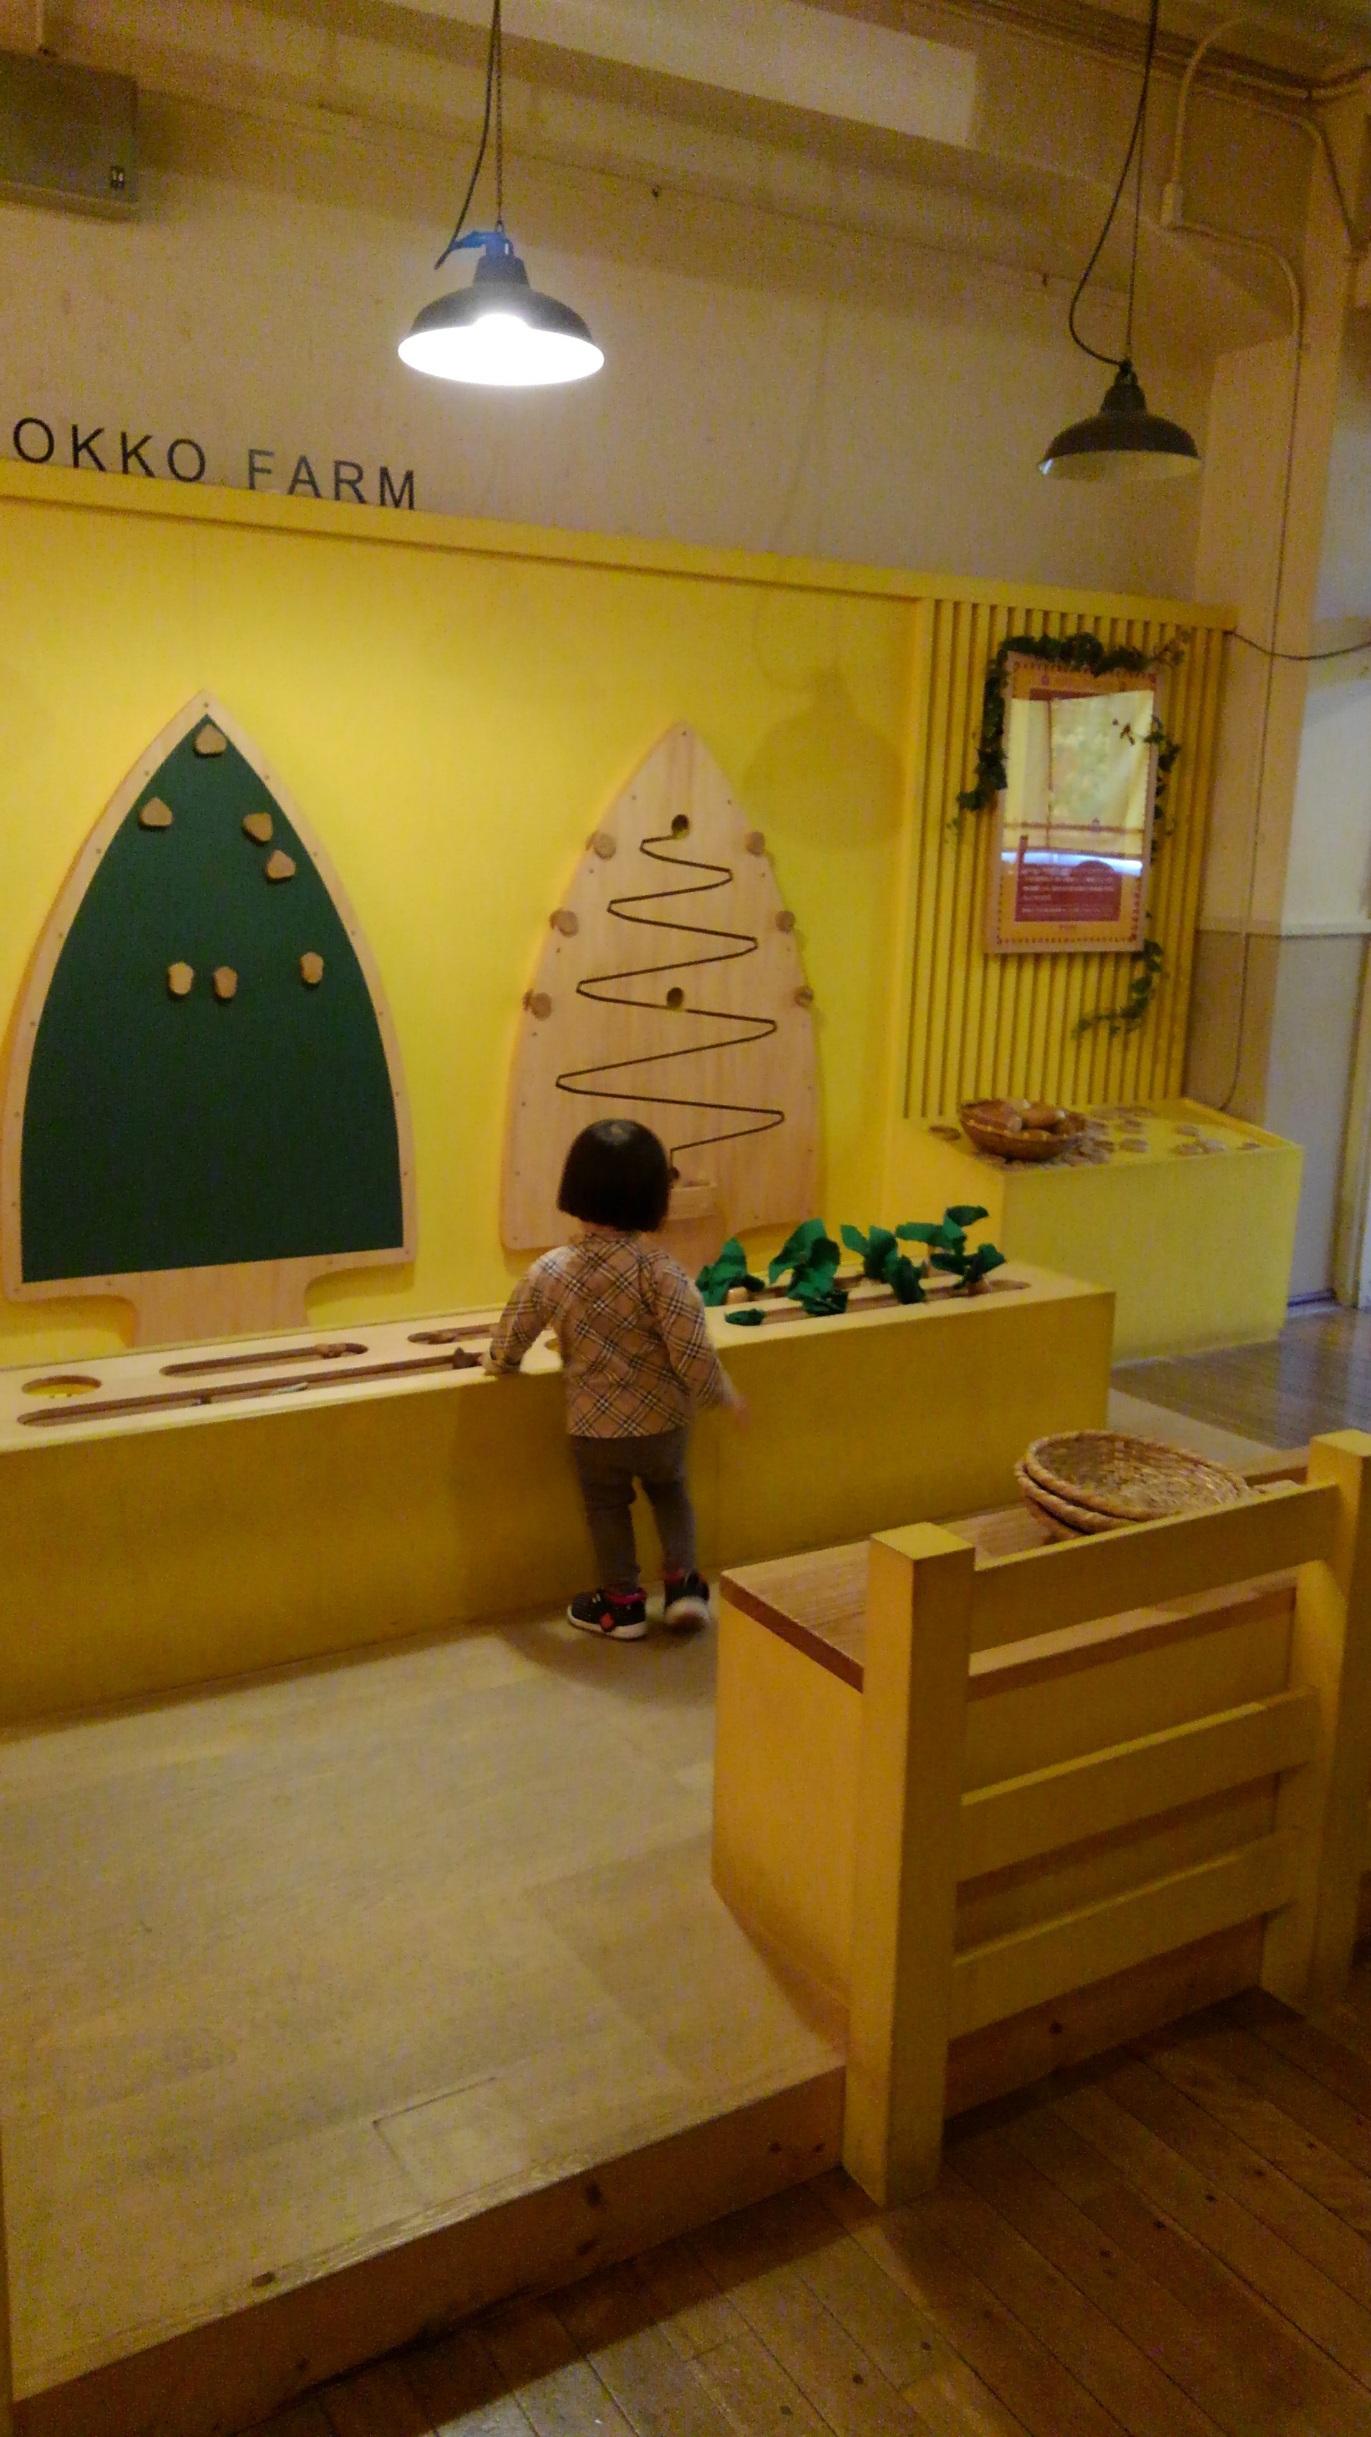 子供と一緒に楽しく遊べる!東京おもちゃ美術館に行ってきました。